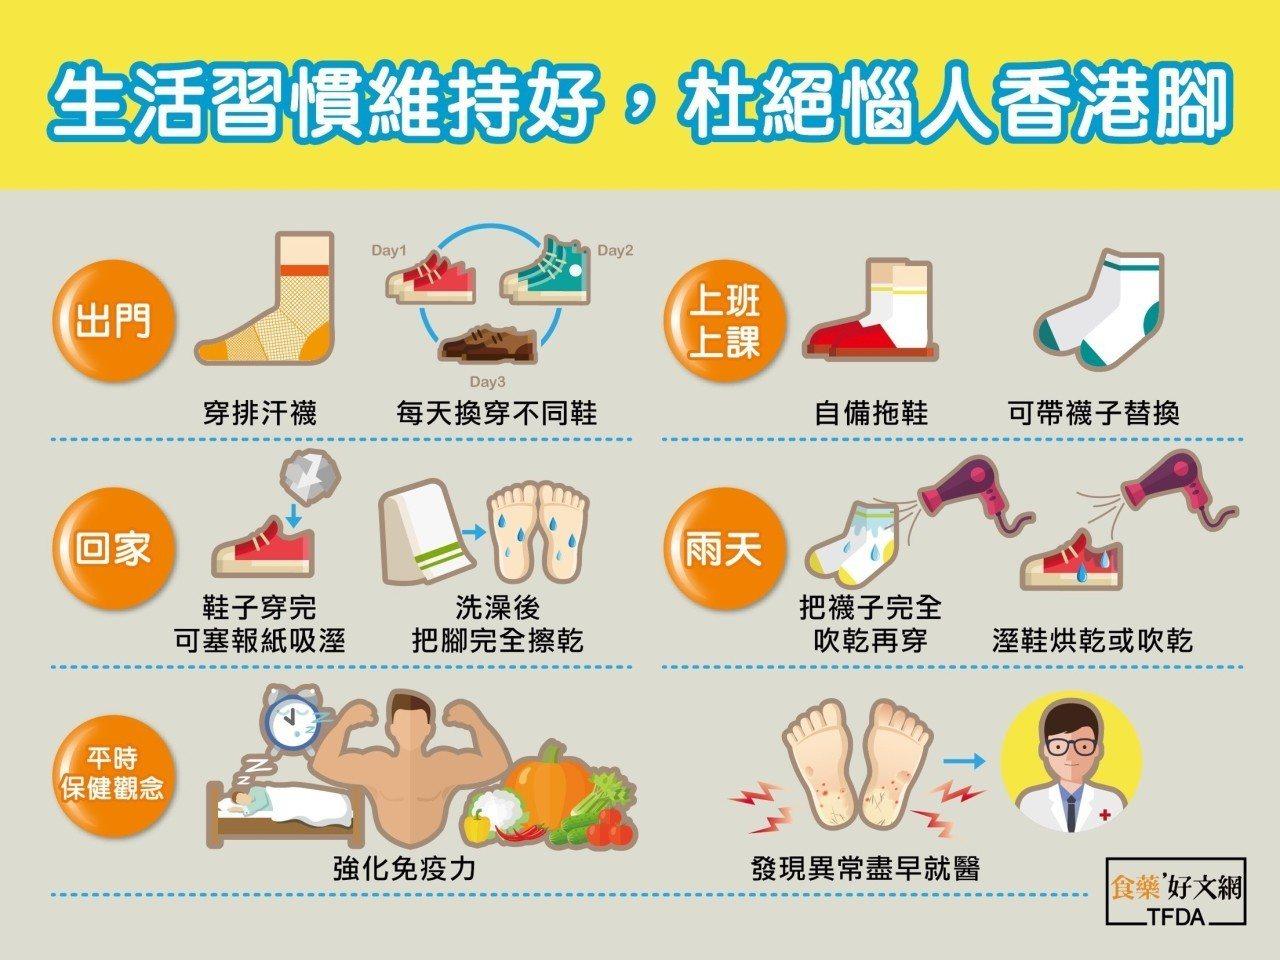 遠離香港腳,建議養成五大好習慣,每天換不同鞋穿、返家鞋子塞報紙、平時強化免疫力、...